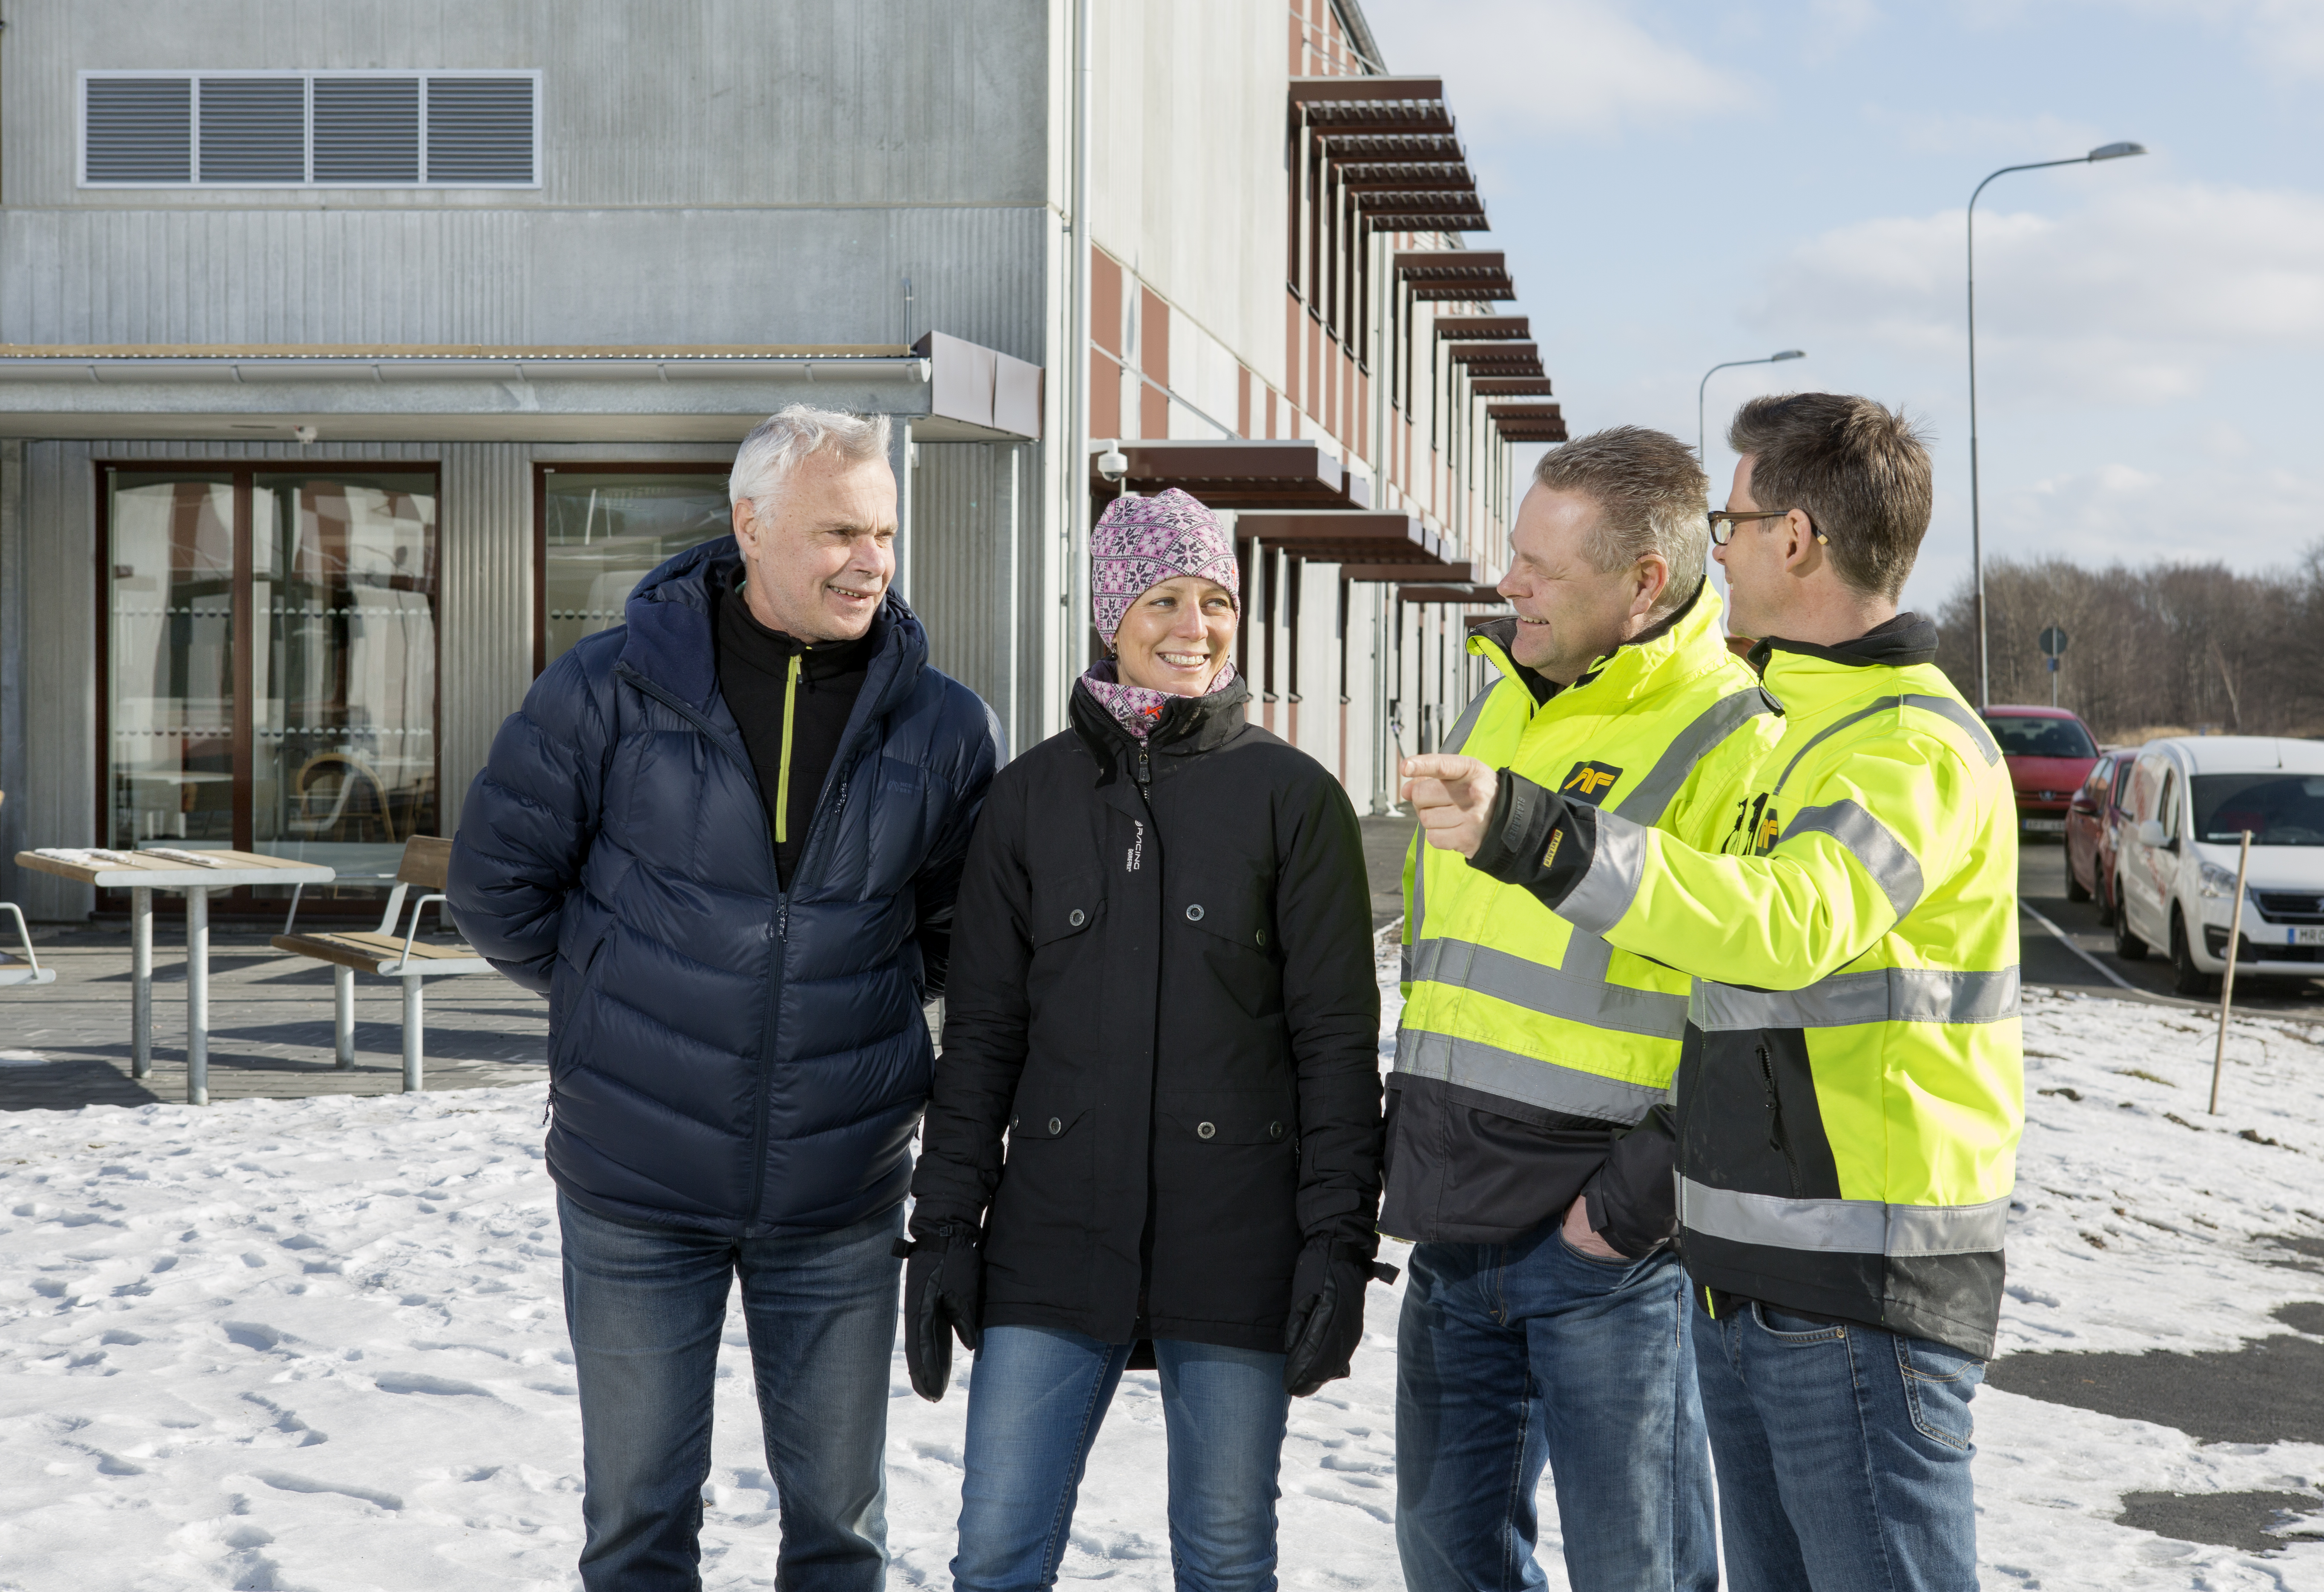 Martin Nilsen projekt/byggledare från Ramboll, Ulrika Videli från Göteborgs Stad, Lars Ögren projektledare AF, Mattias Eriksson arbetsledare AF